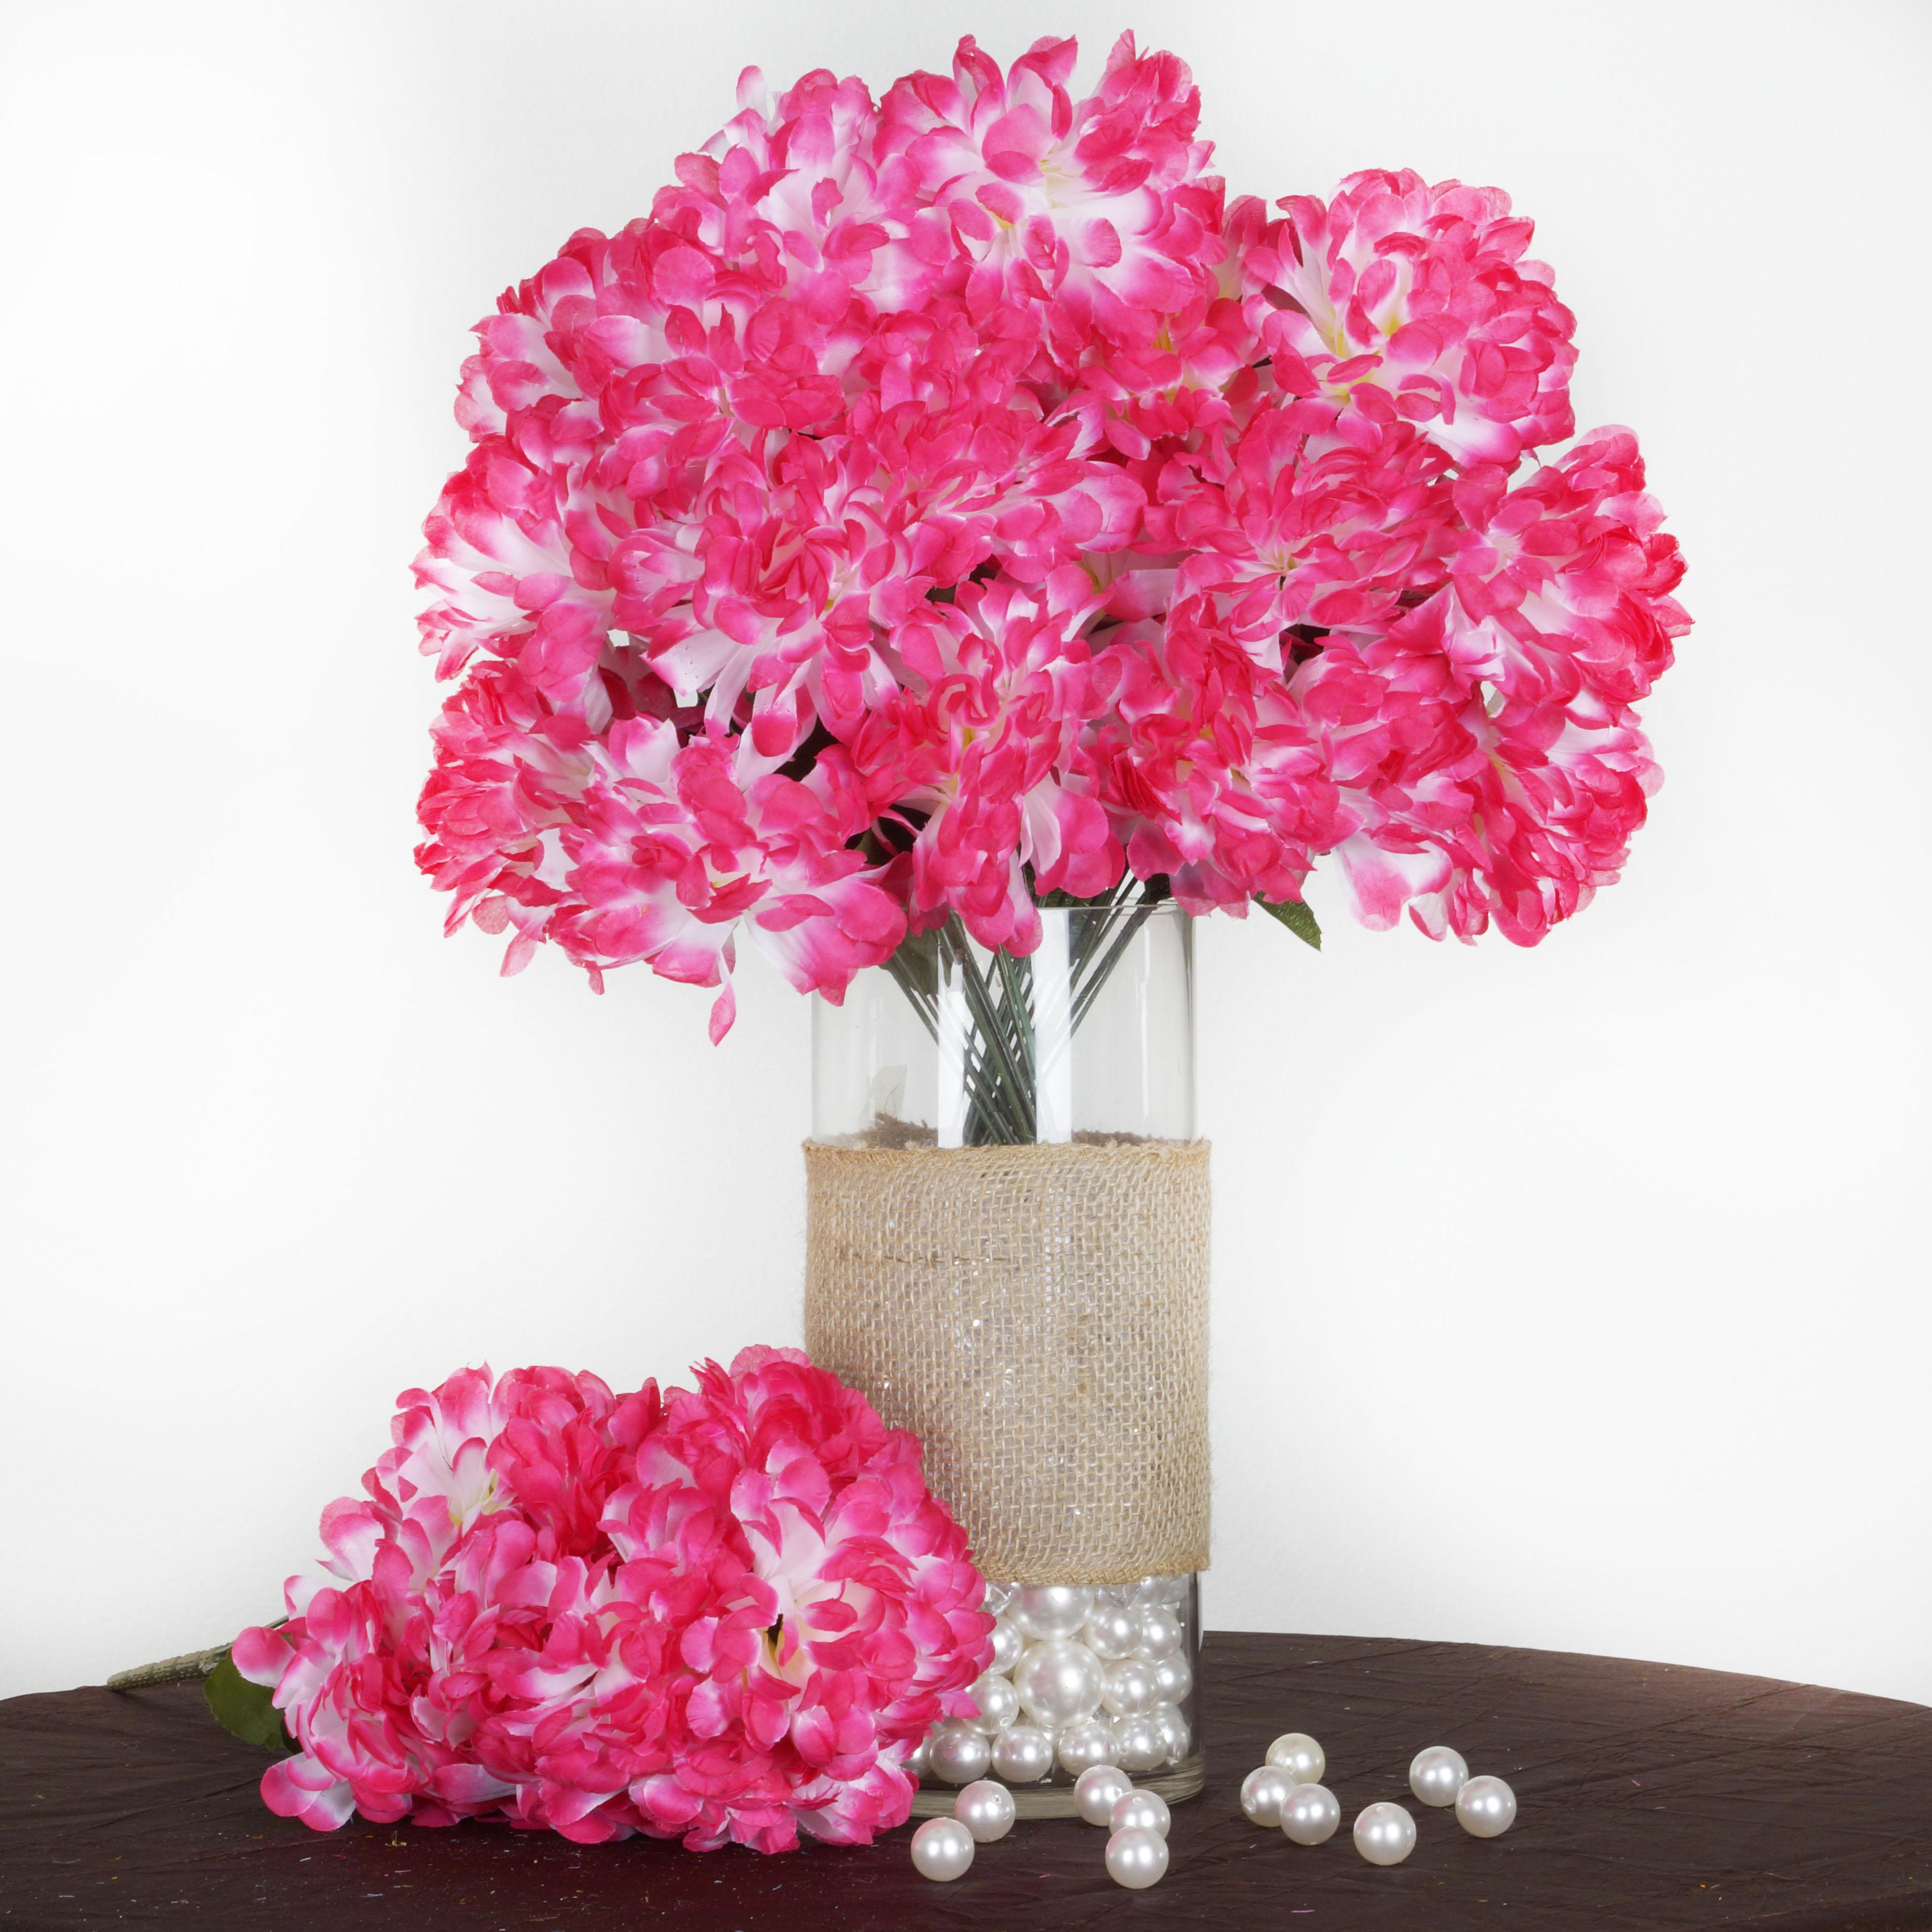 4 bushes - 56 LARGE Chrysanthemum MUMS BALLS Silk Wedding Flowers ...